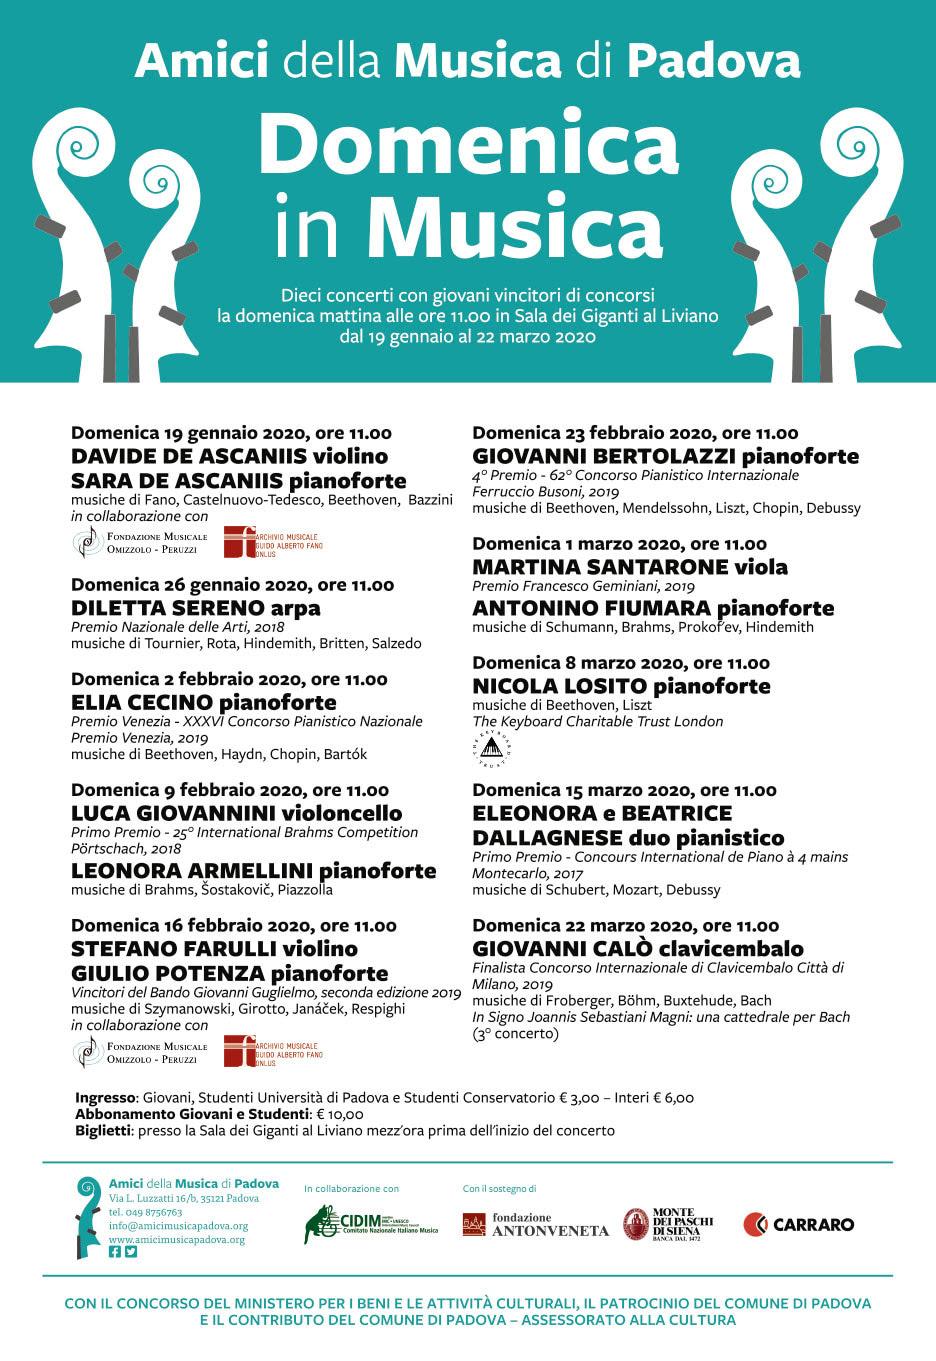 Domenica in Musica 2020 ok-2